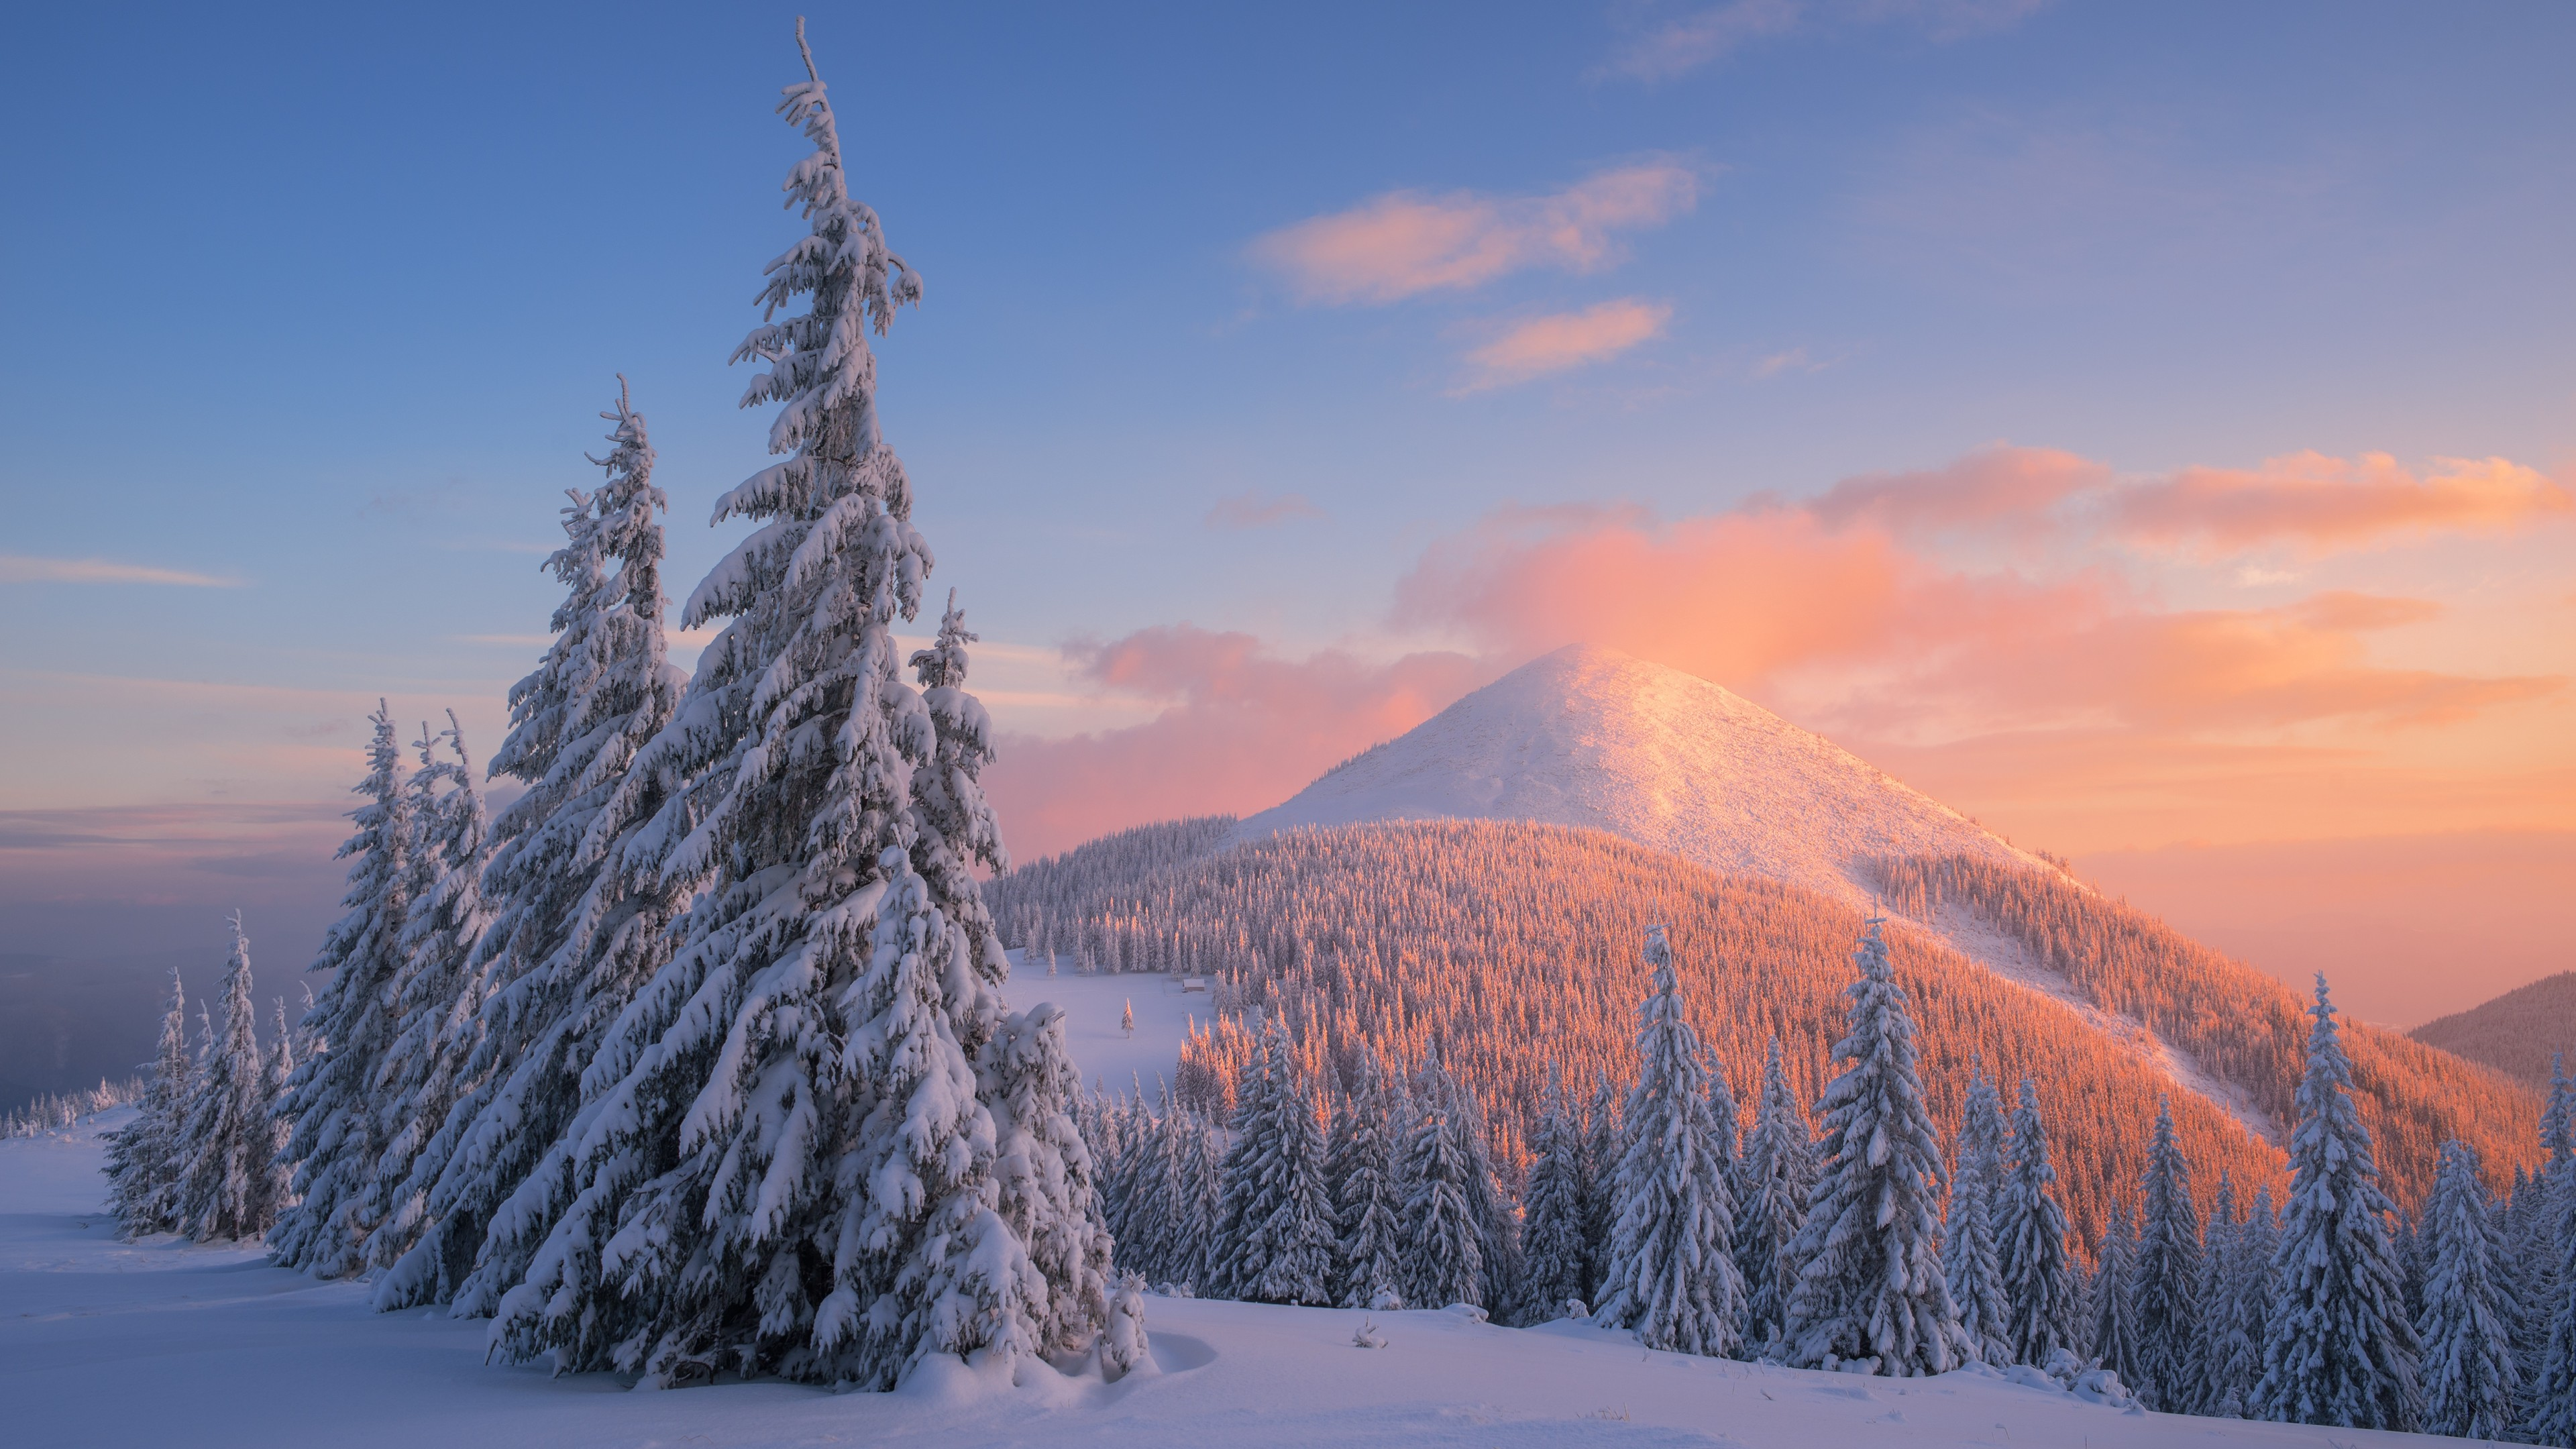 Снежная горная вершина в розово-золотых отблесках солнца и блестящего инея на заснеженных лапах сосны